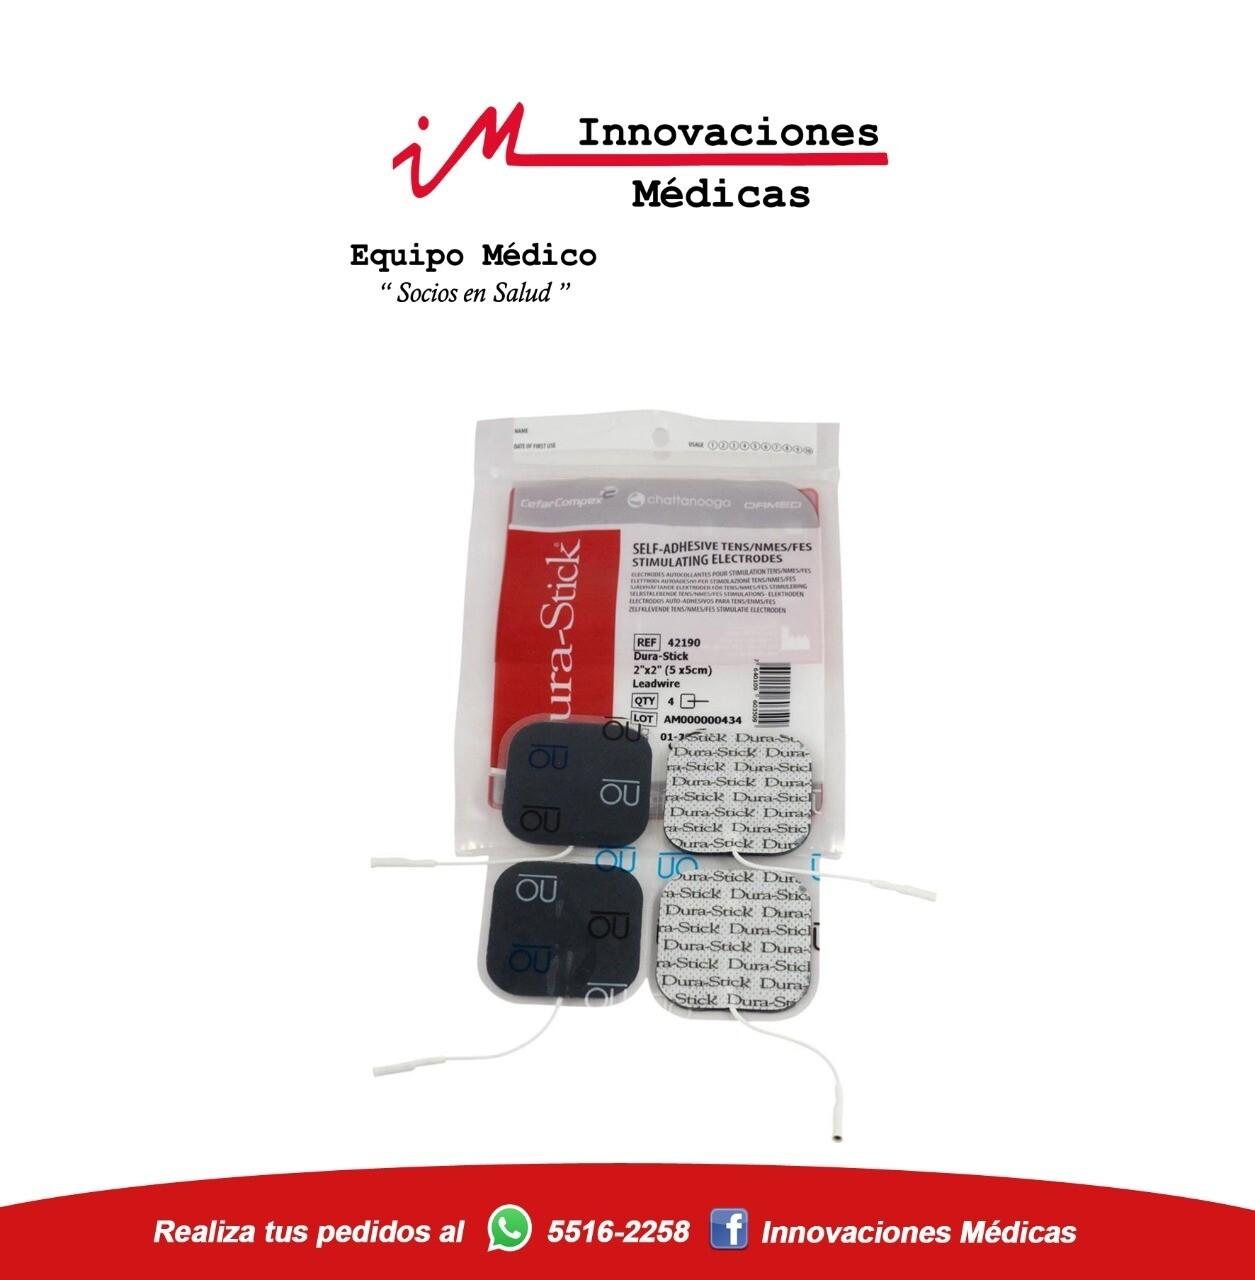 Electrodos DuraStick Pin Cuadrados 5x5cms